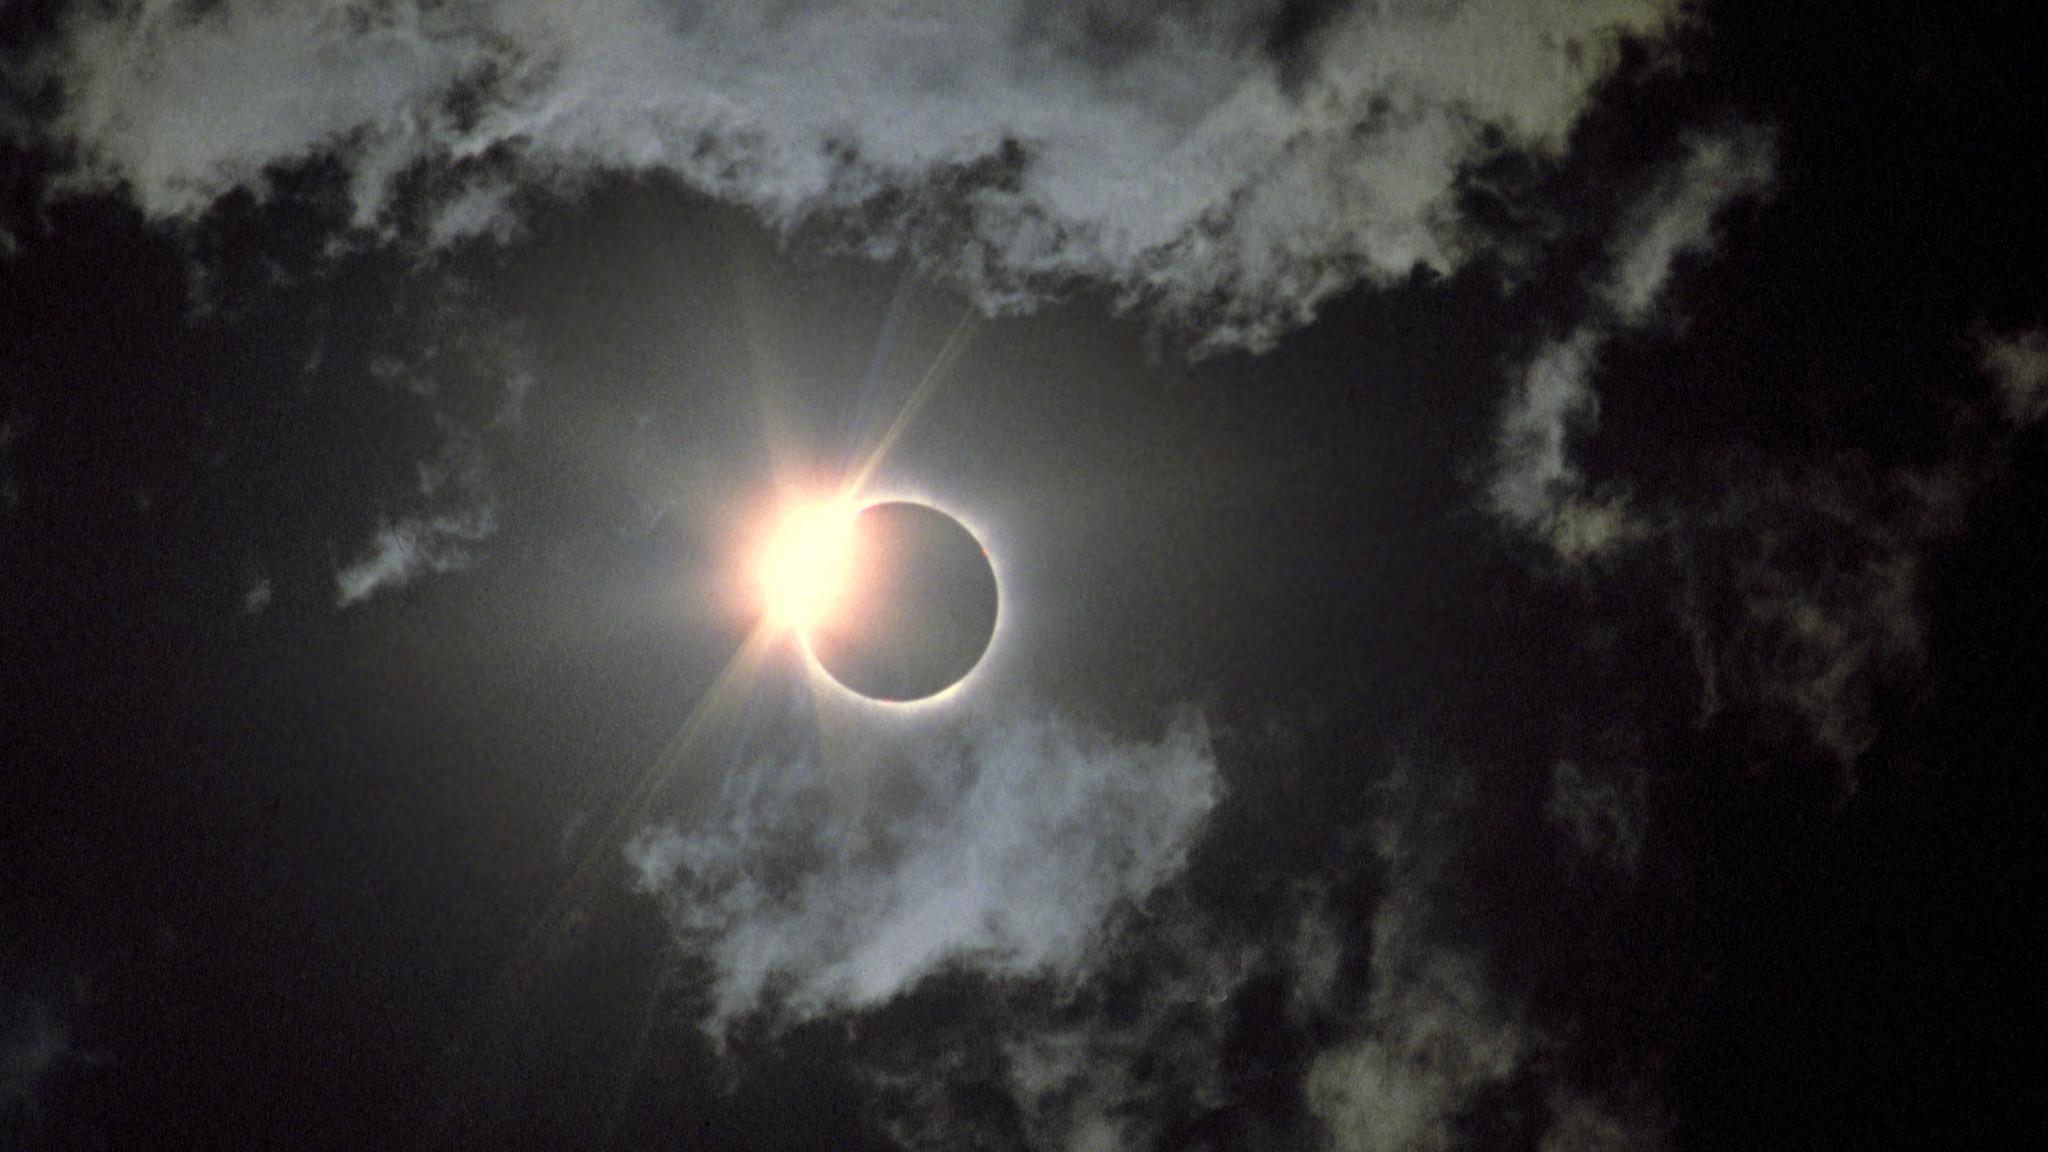 Снимка на пълно слънчево затъмнение